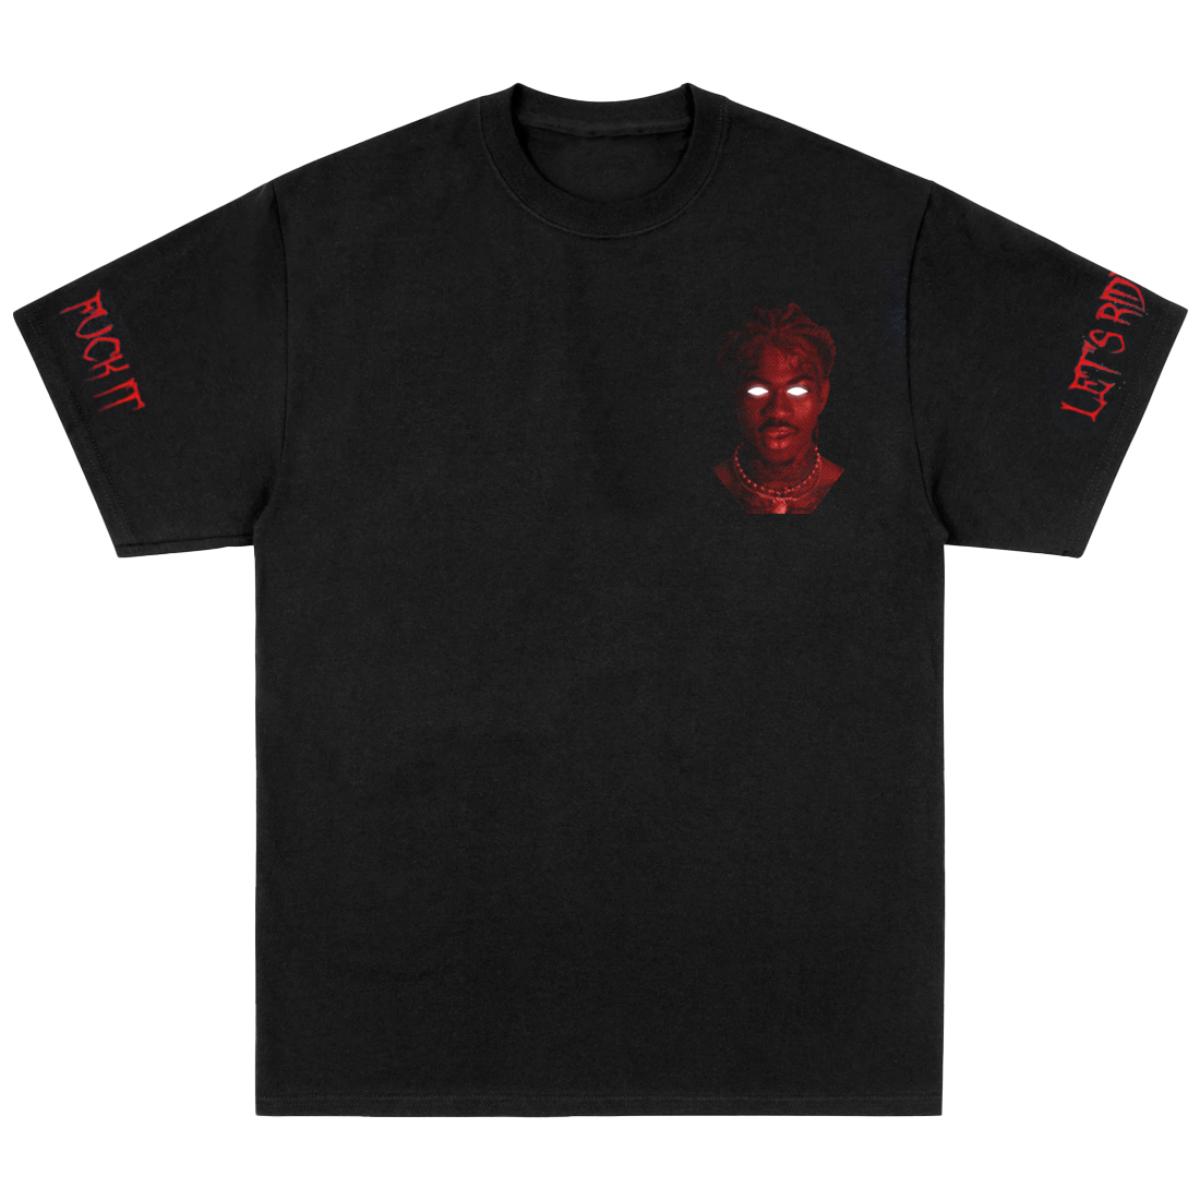 Let's Ride Black T-Shirt